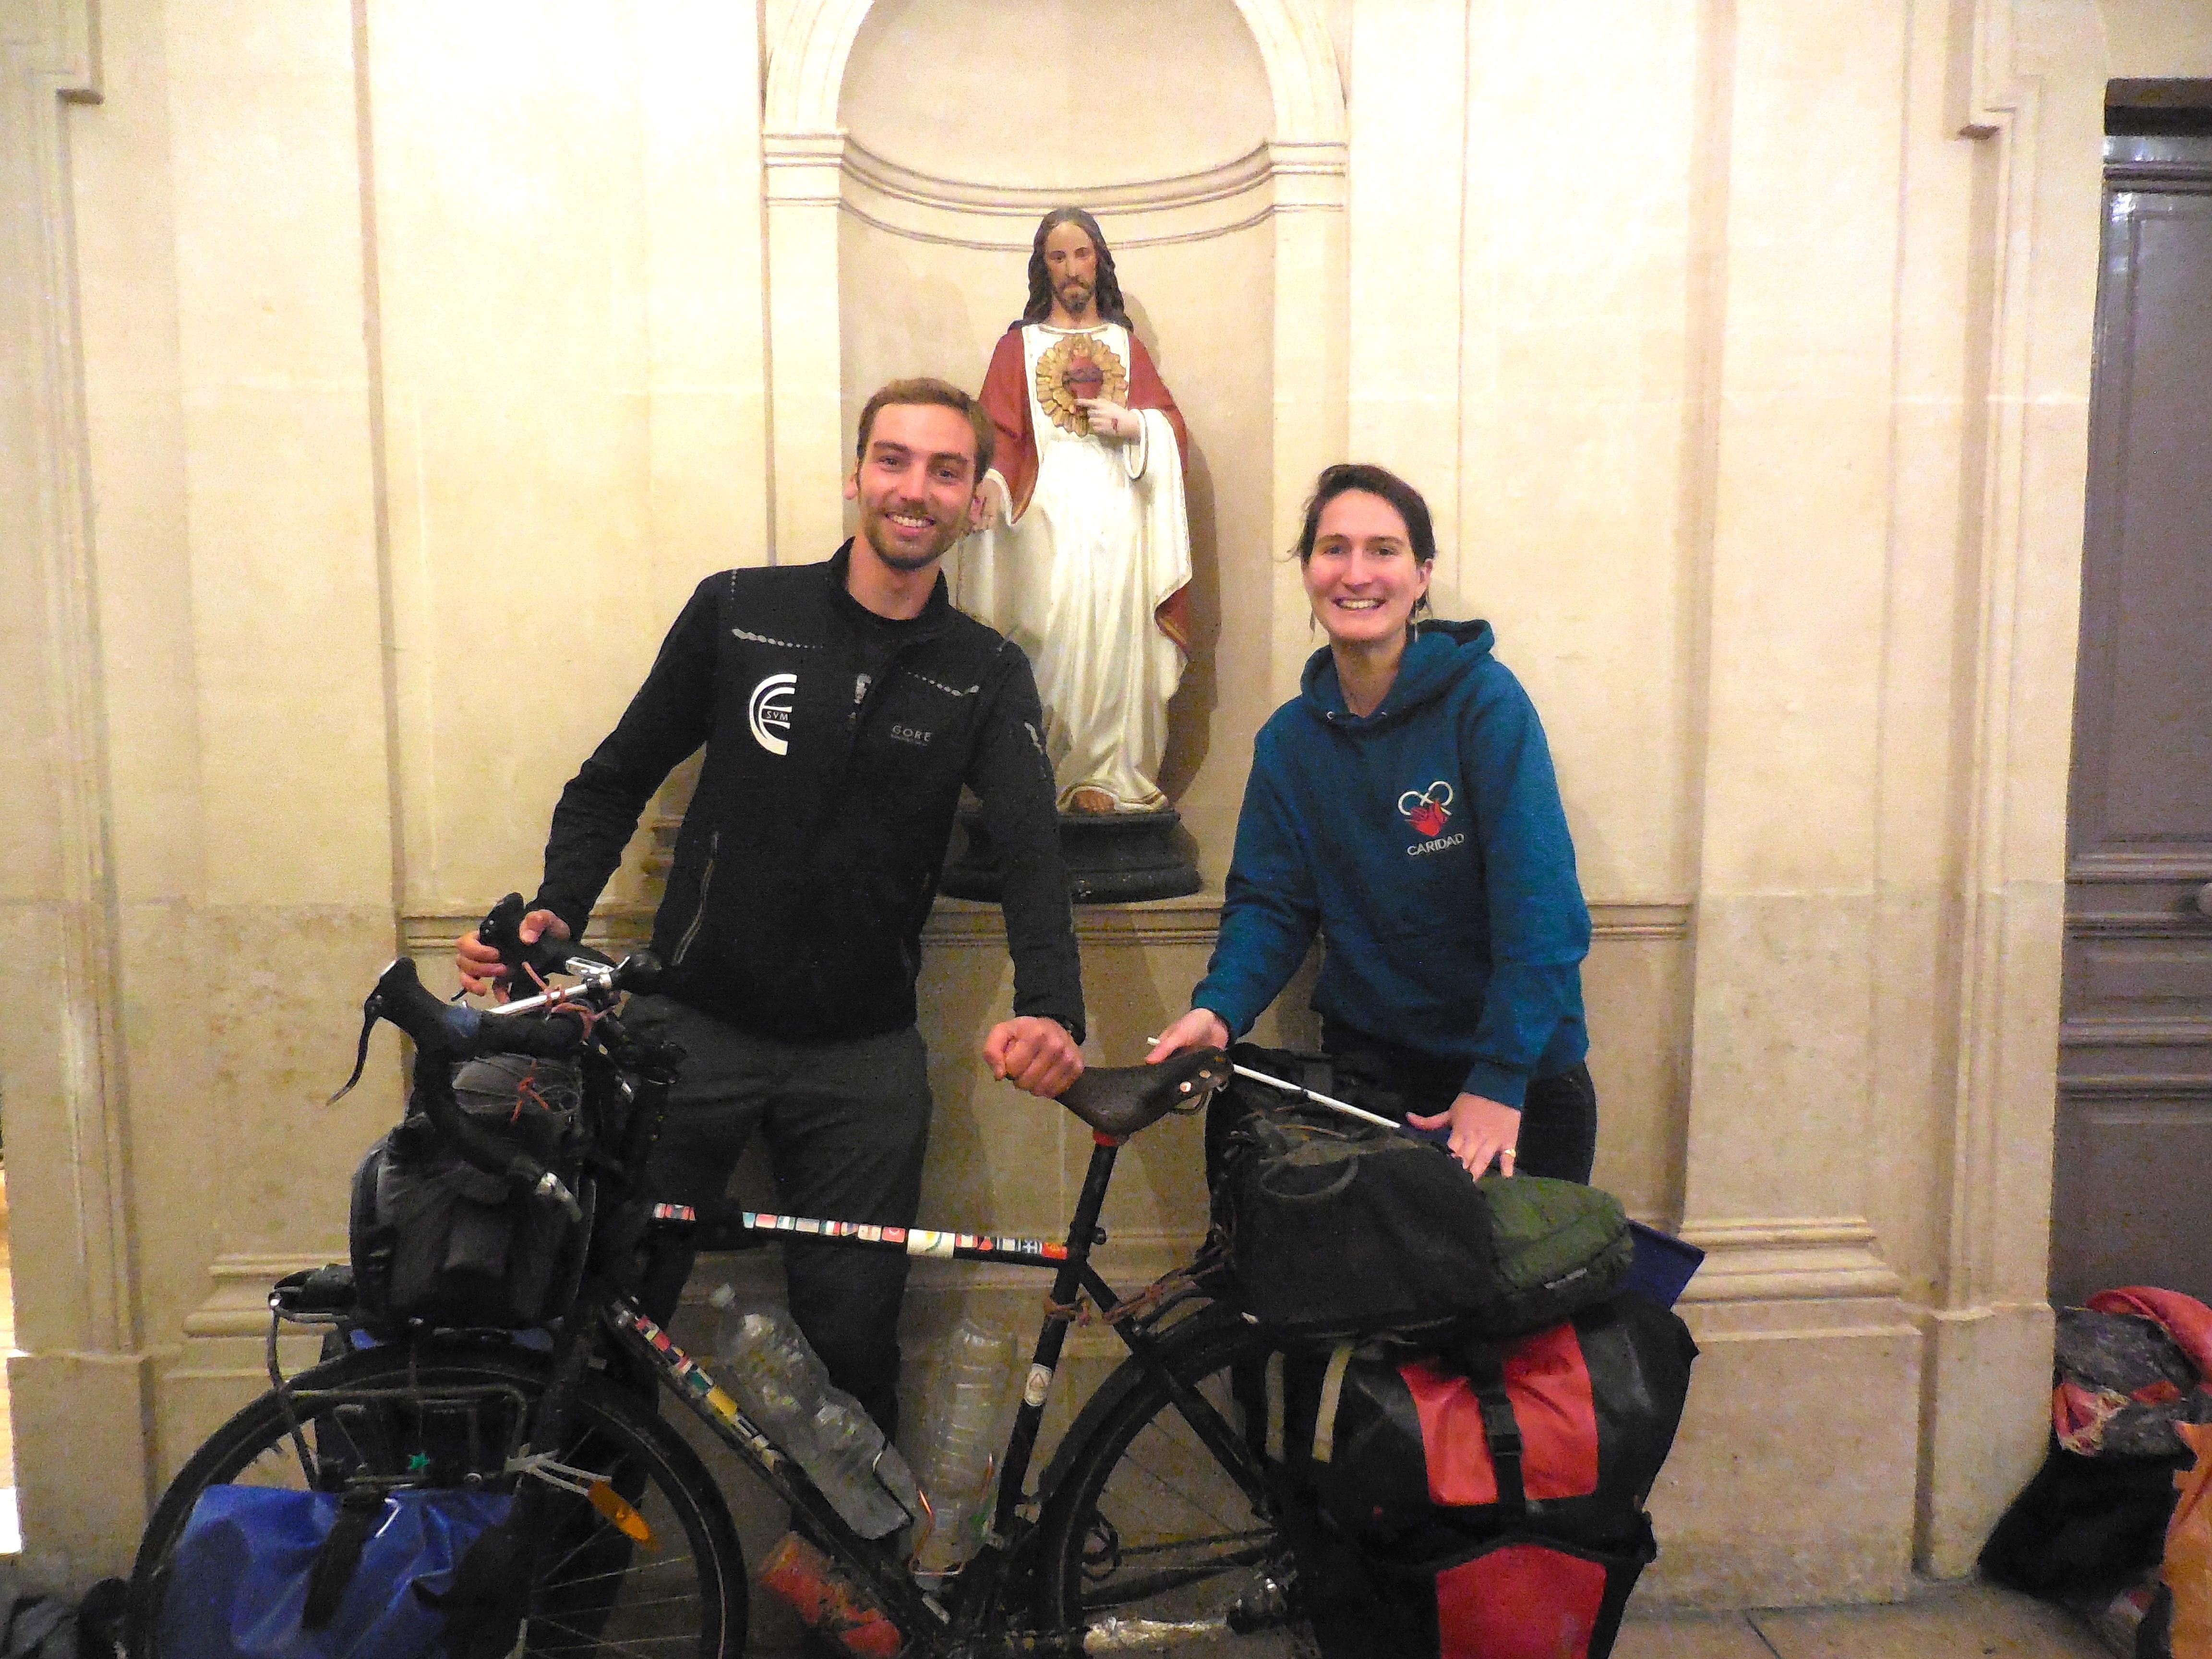 15 décembre 2017 : fin du pèlerinage de Paul Bablot, arrivée à Paris !